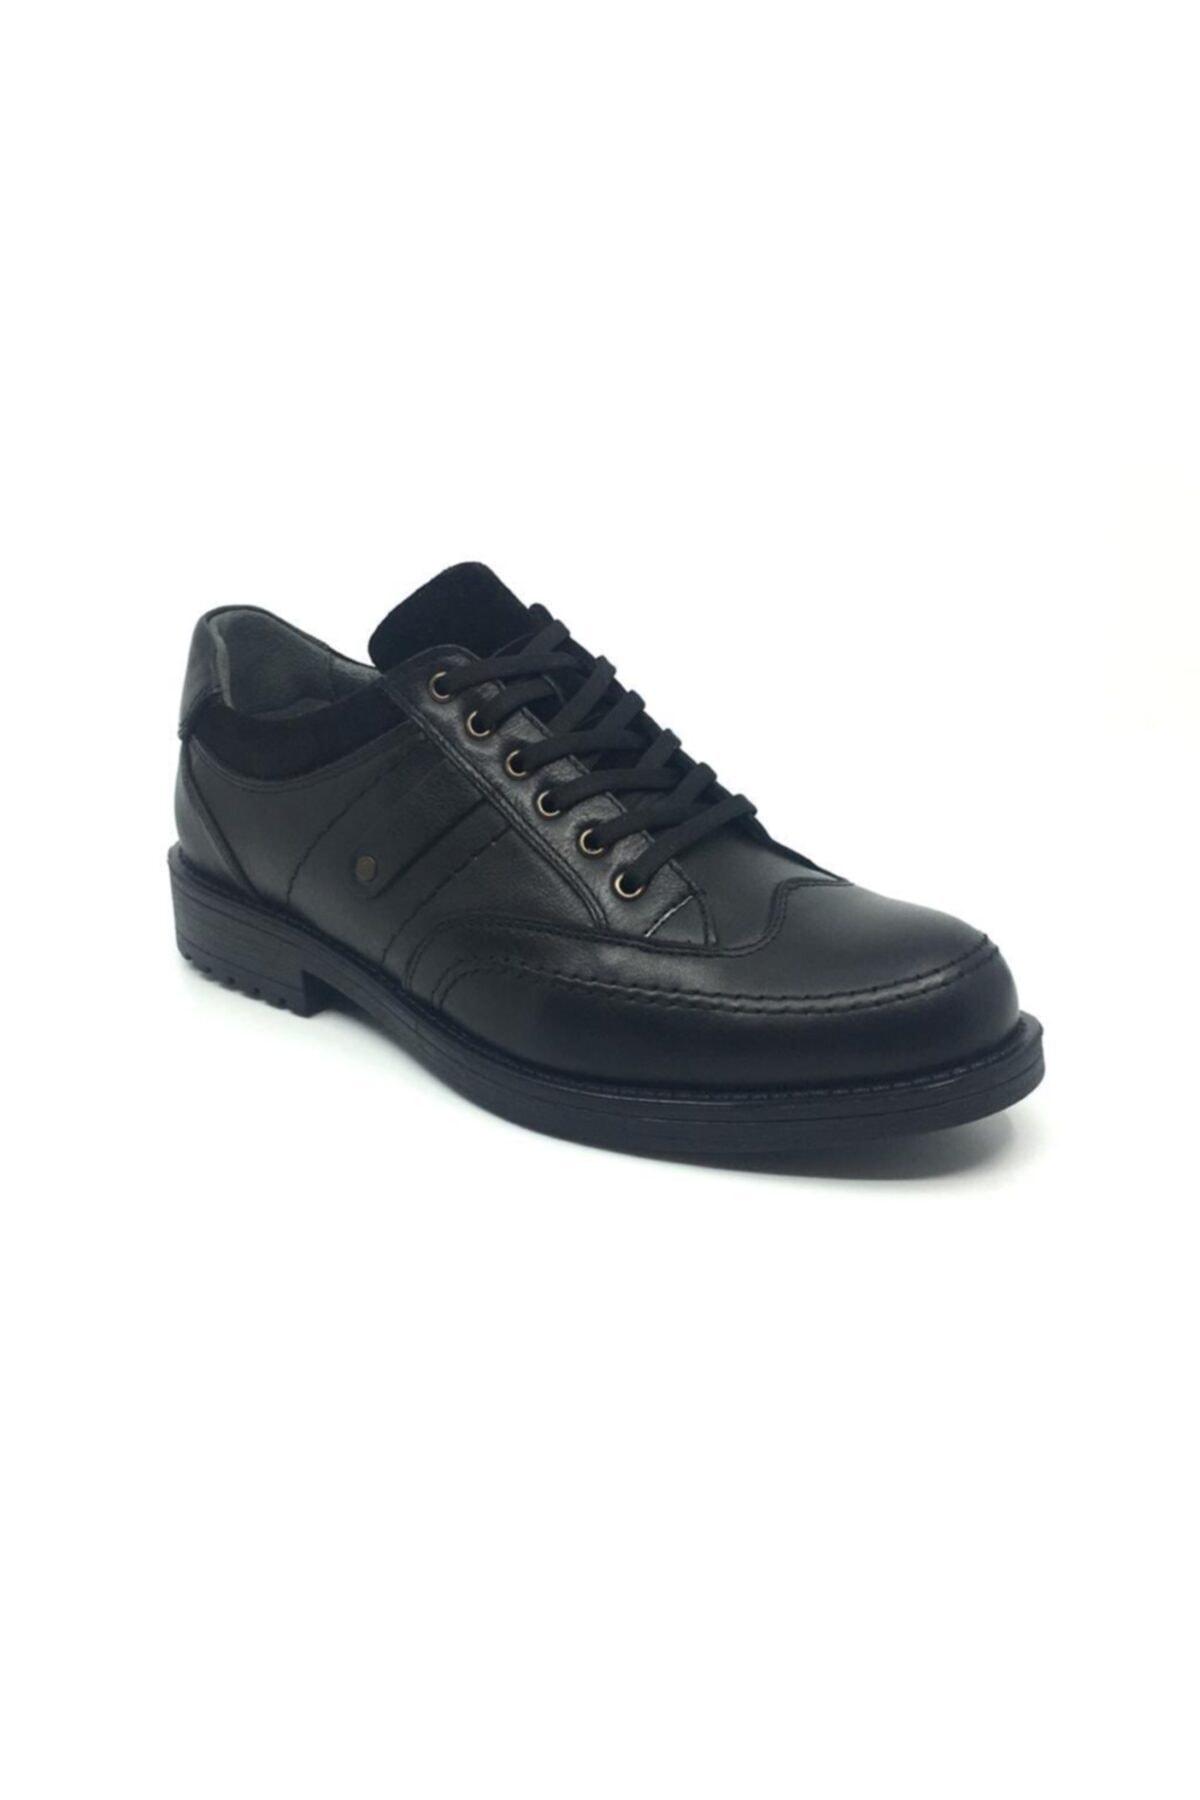 Taşpınar Erkek Siyah Hakiki Deri Klasik Ayakkabı 1